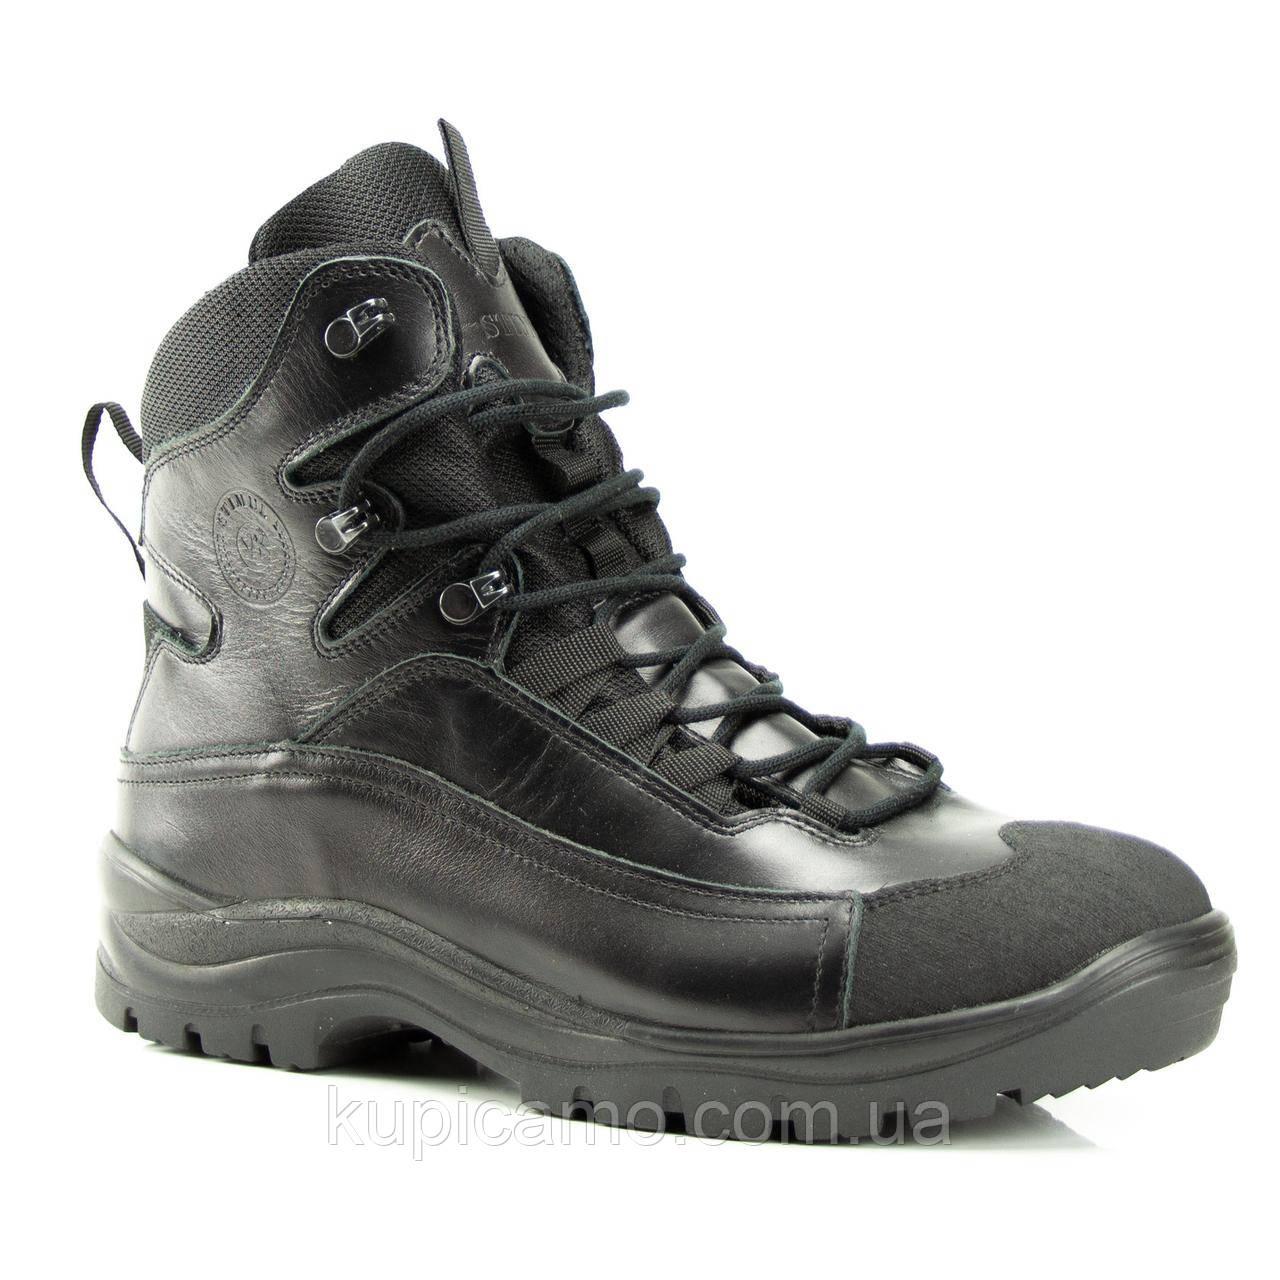 Ботинки Атаман деми (черный глянец)